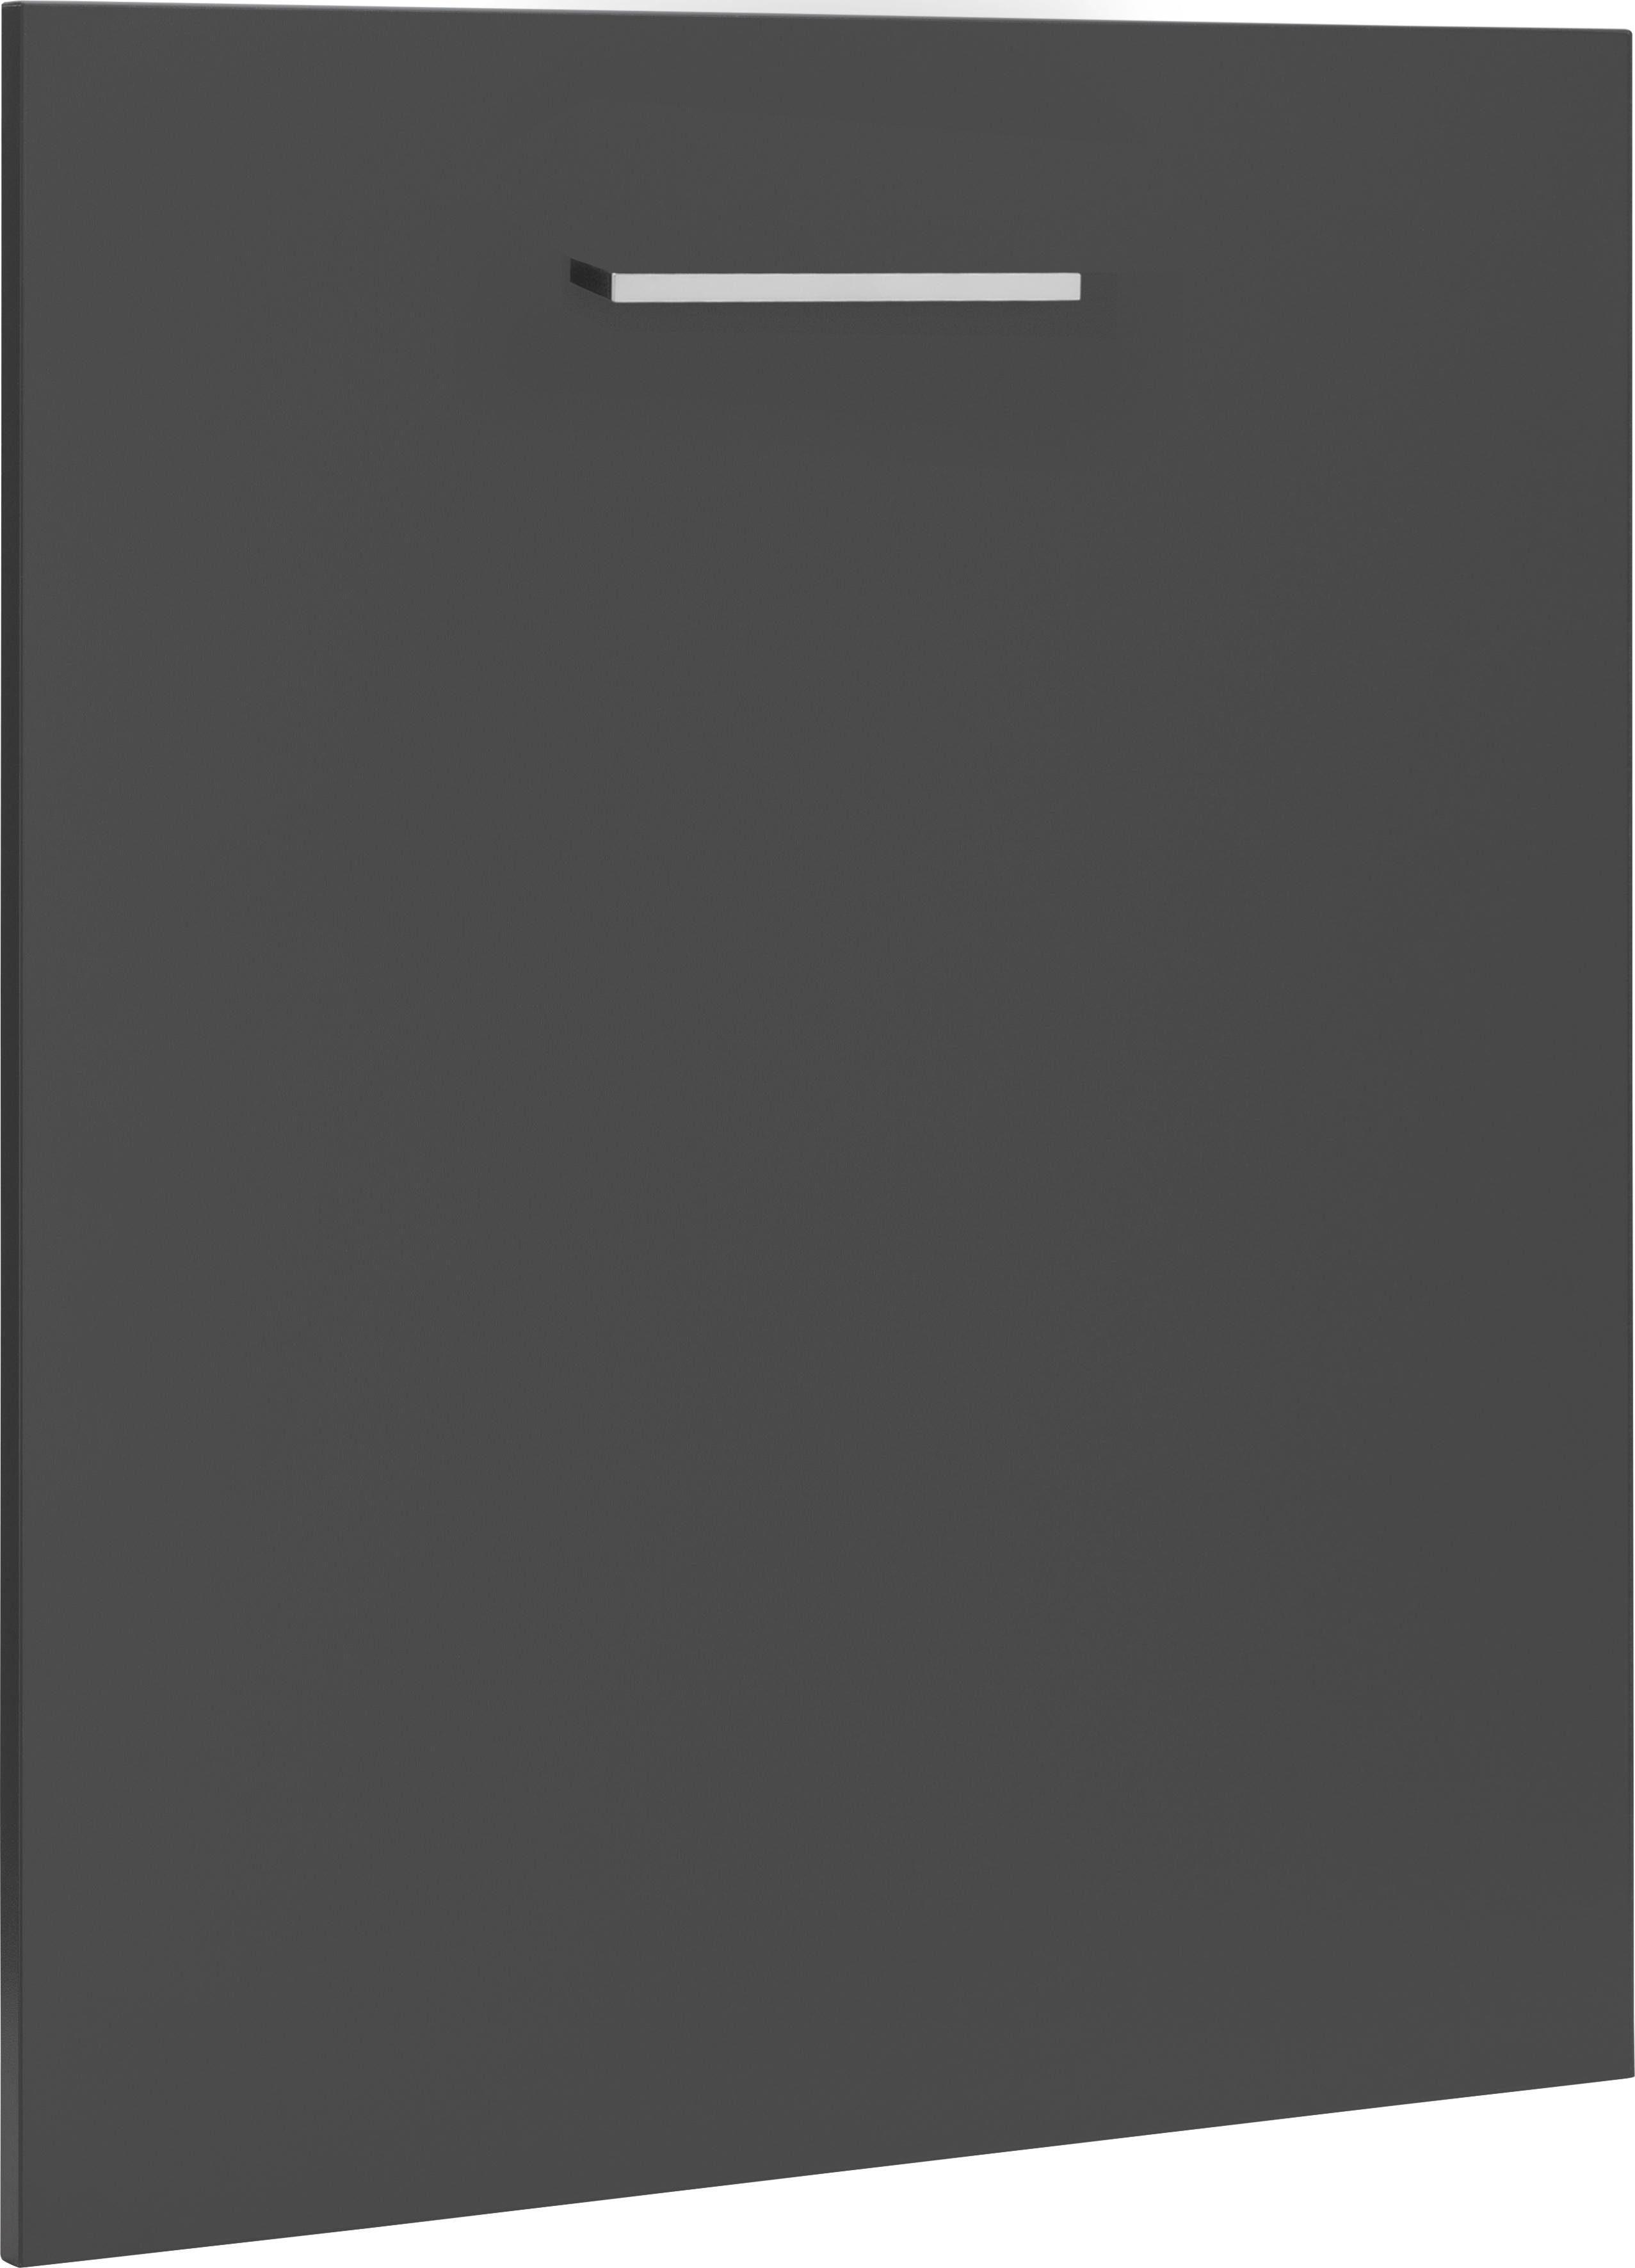 OPTIFIT Frontblende Parma Technik & Freizeit/Elektrogeräte/Haushaltsgeräte/Dunstabzugshauben/Zubehör für Dunstabzugshauben